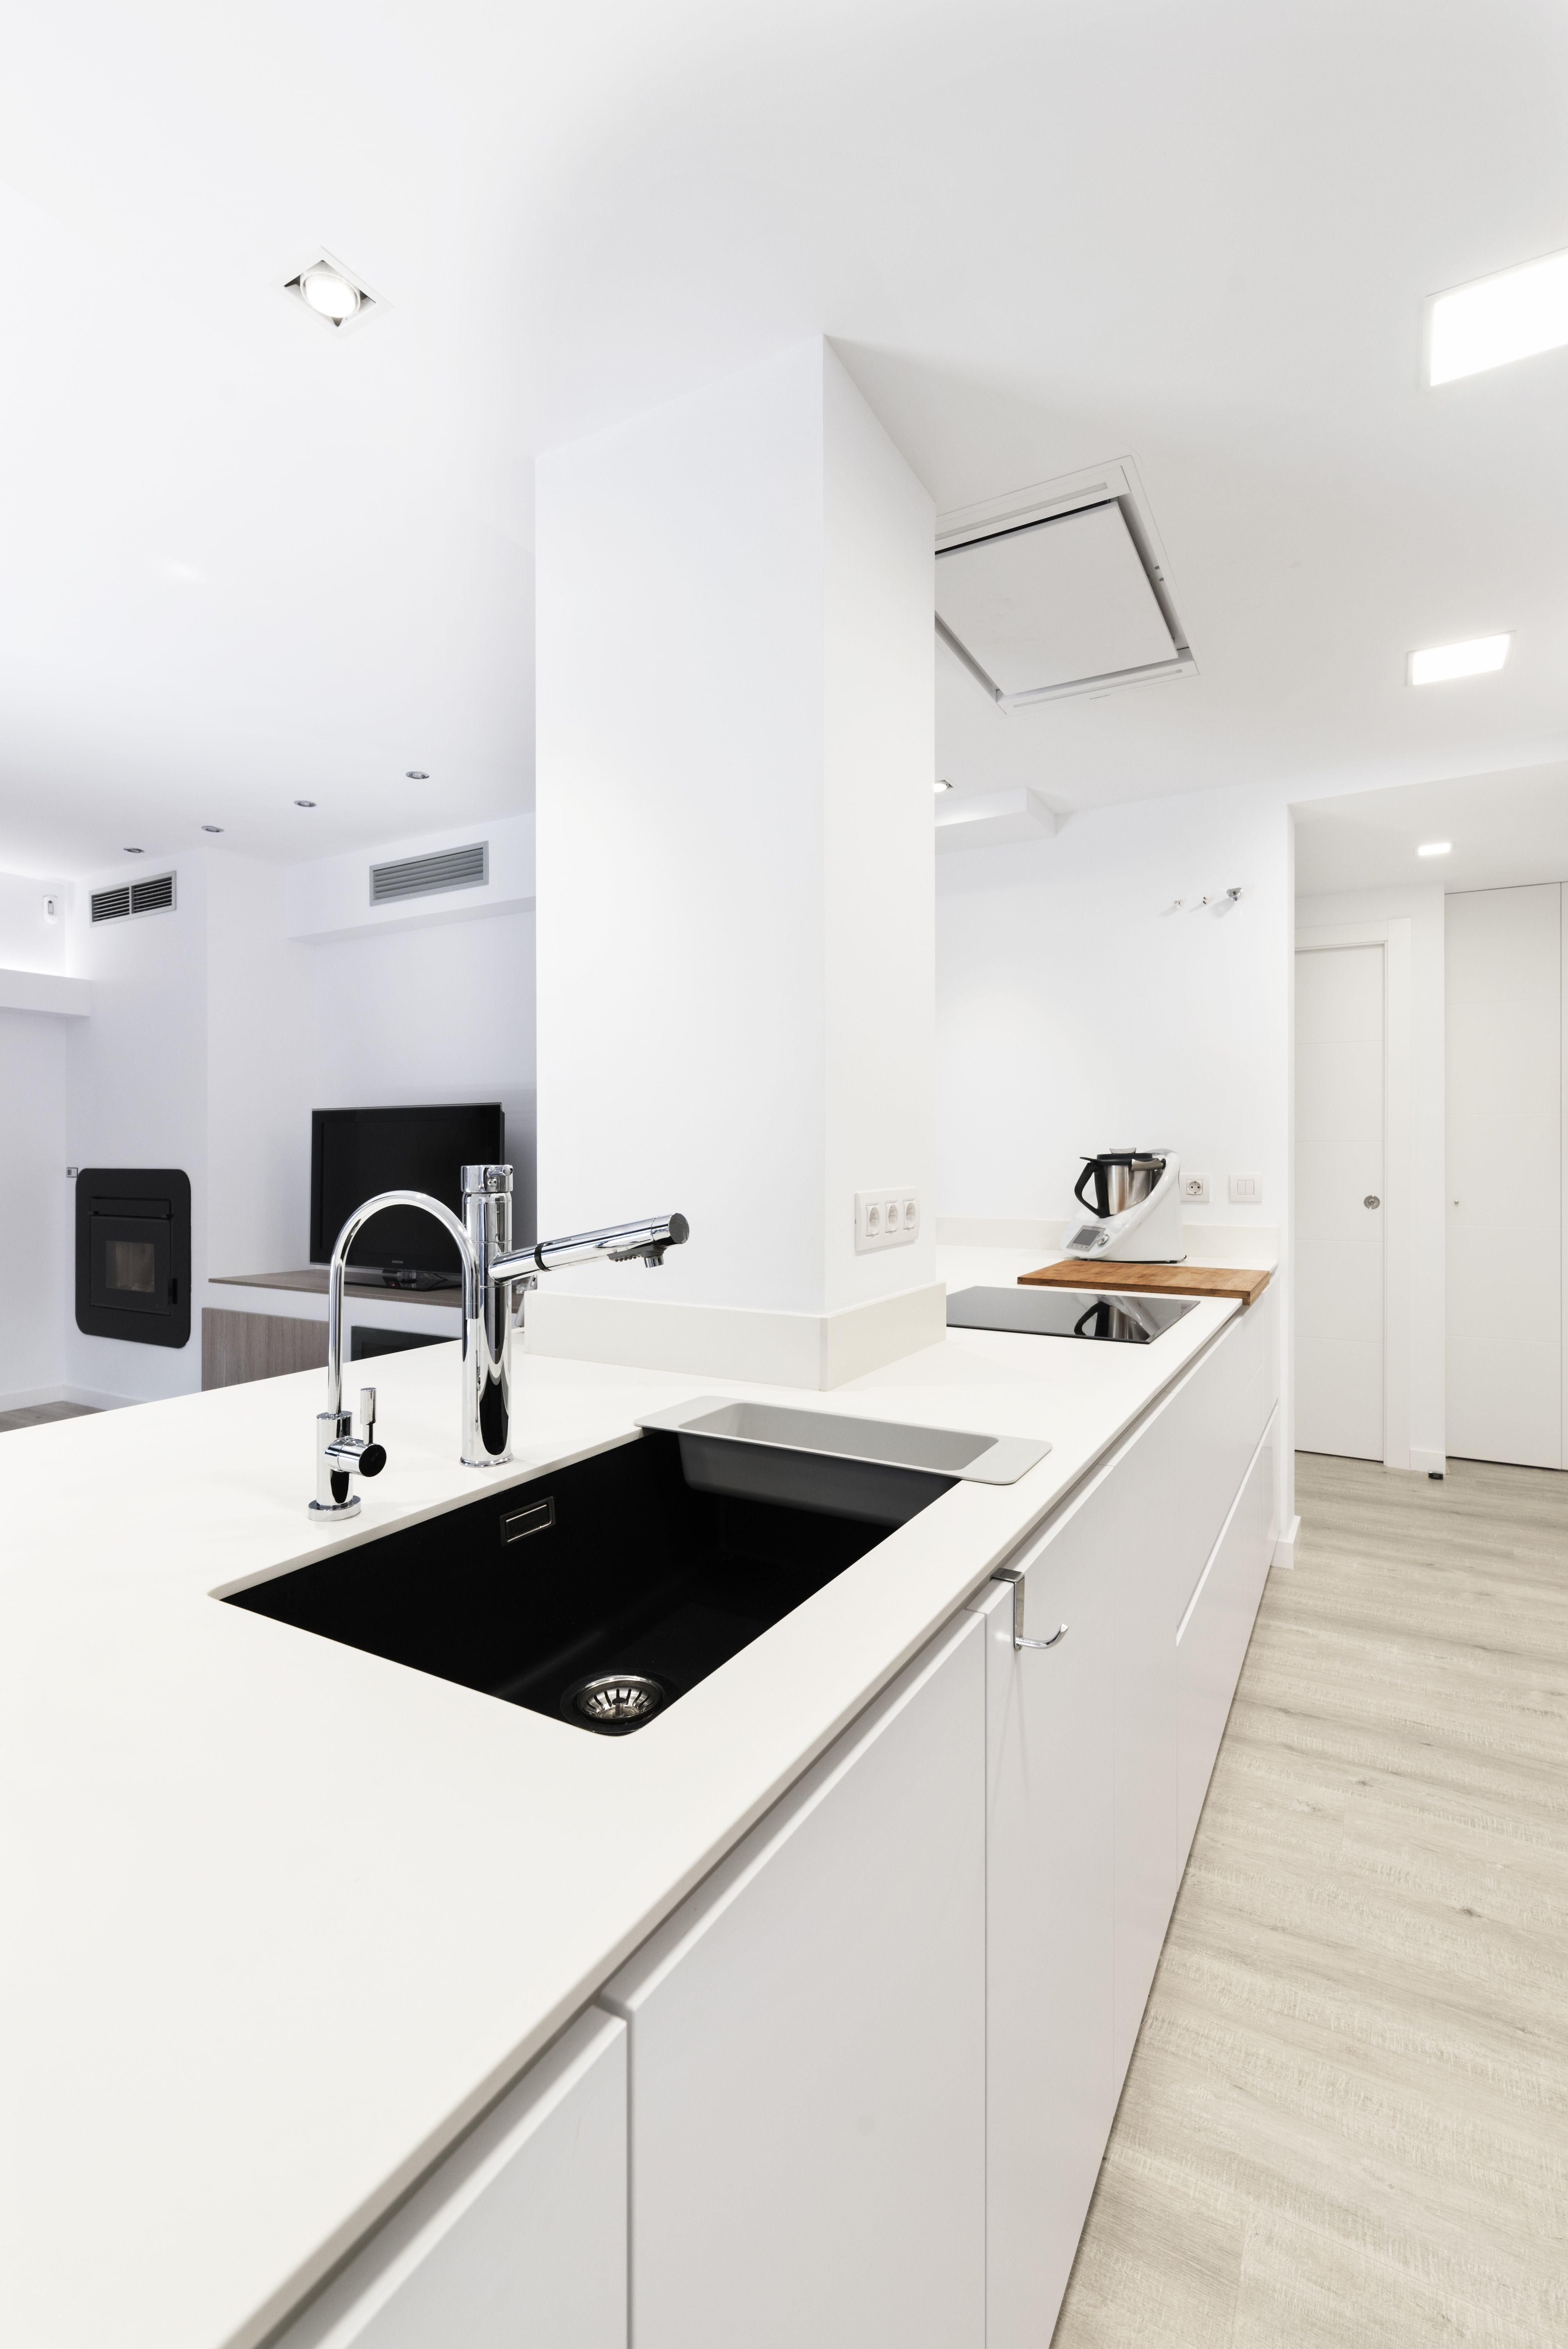 Diseño INKO del modelo Gourmet Chantilly Blanco, una cocina ...